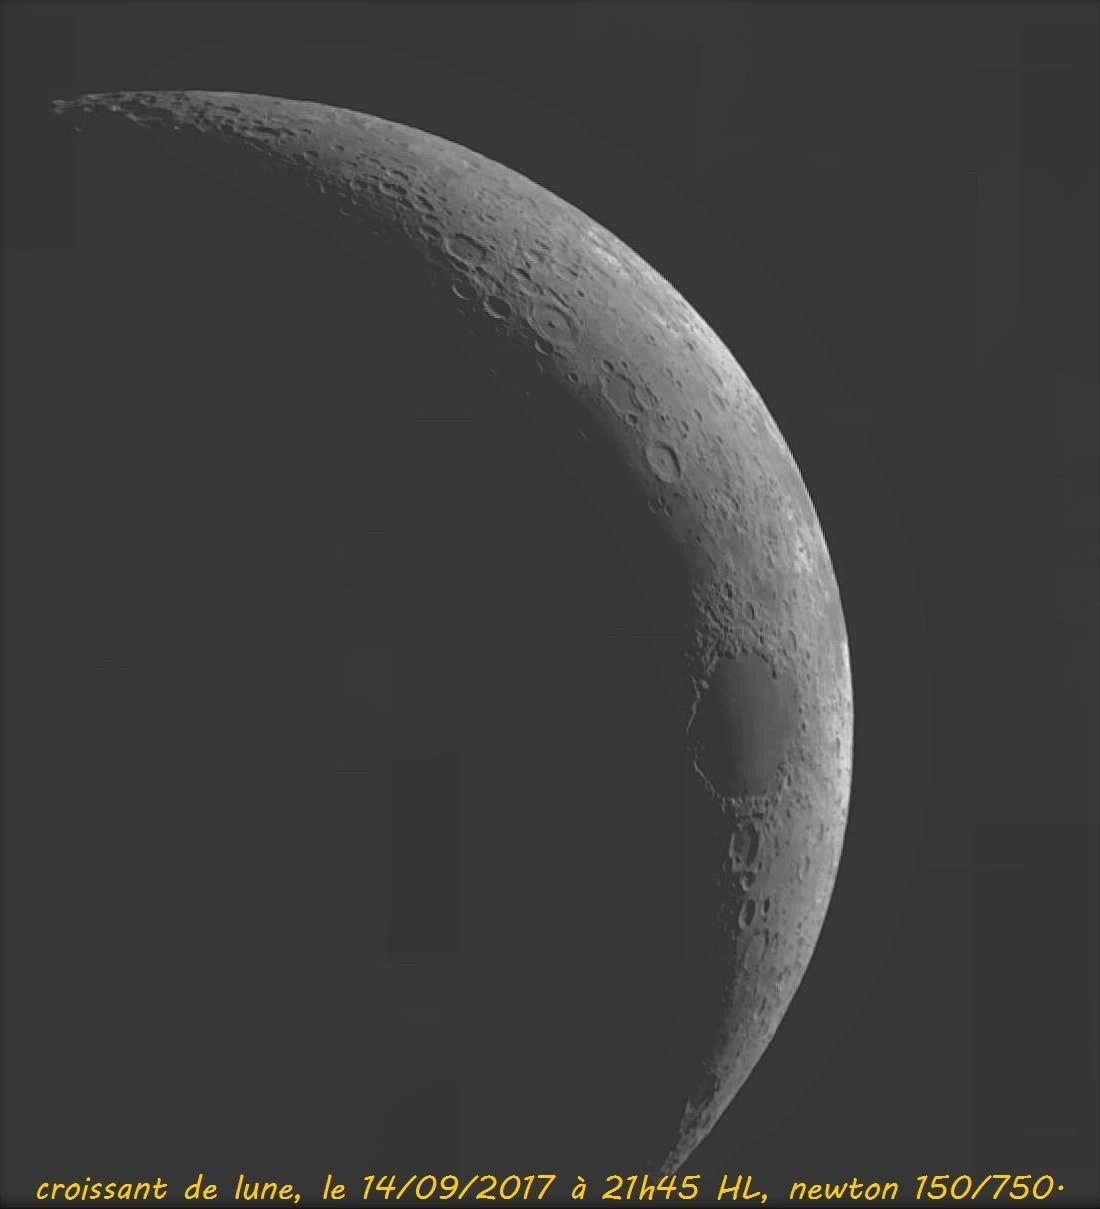 lune 1 finale